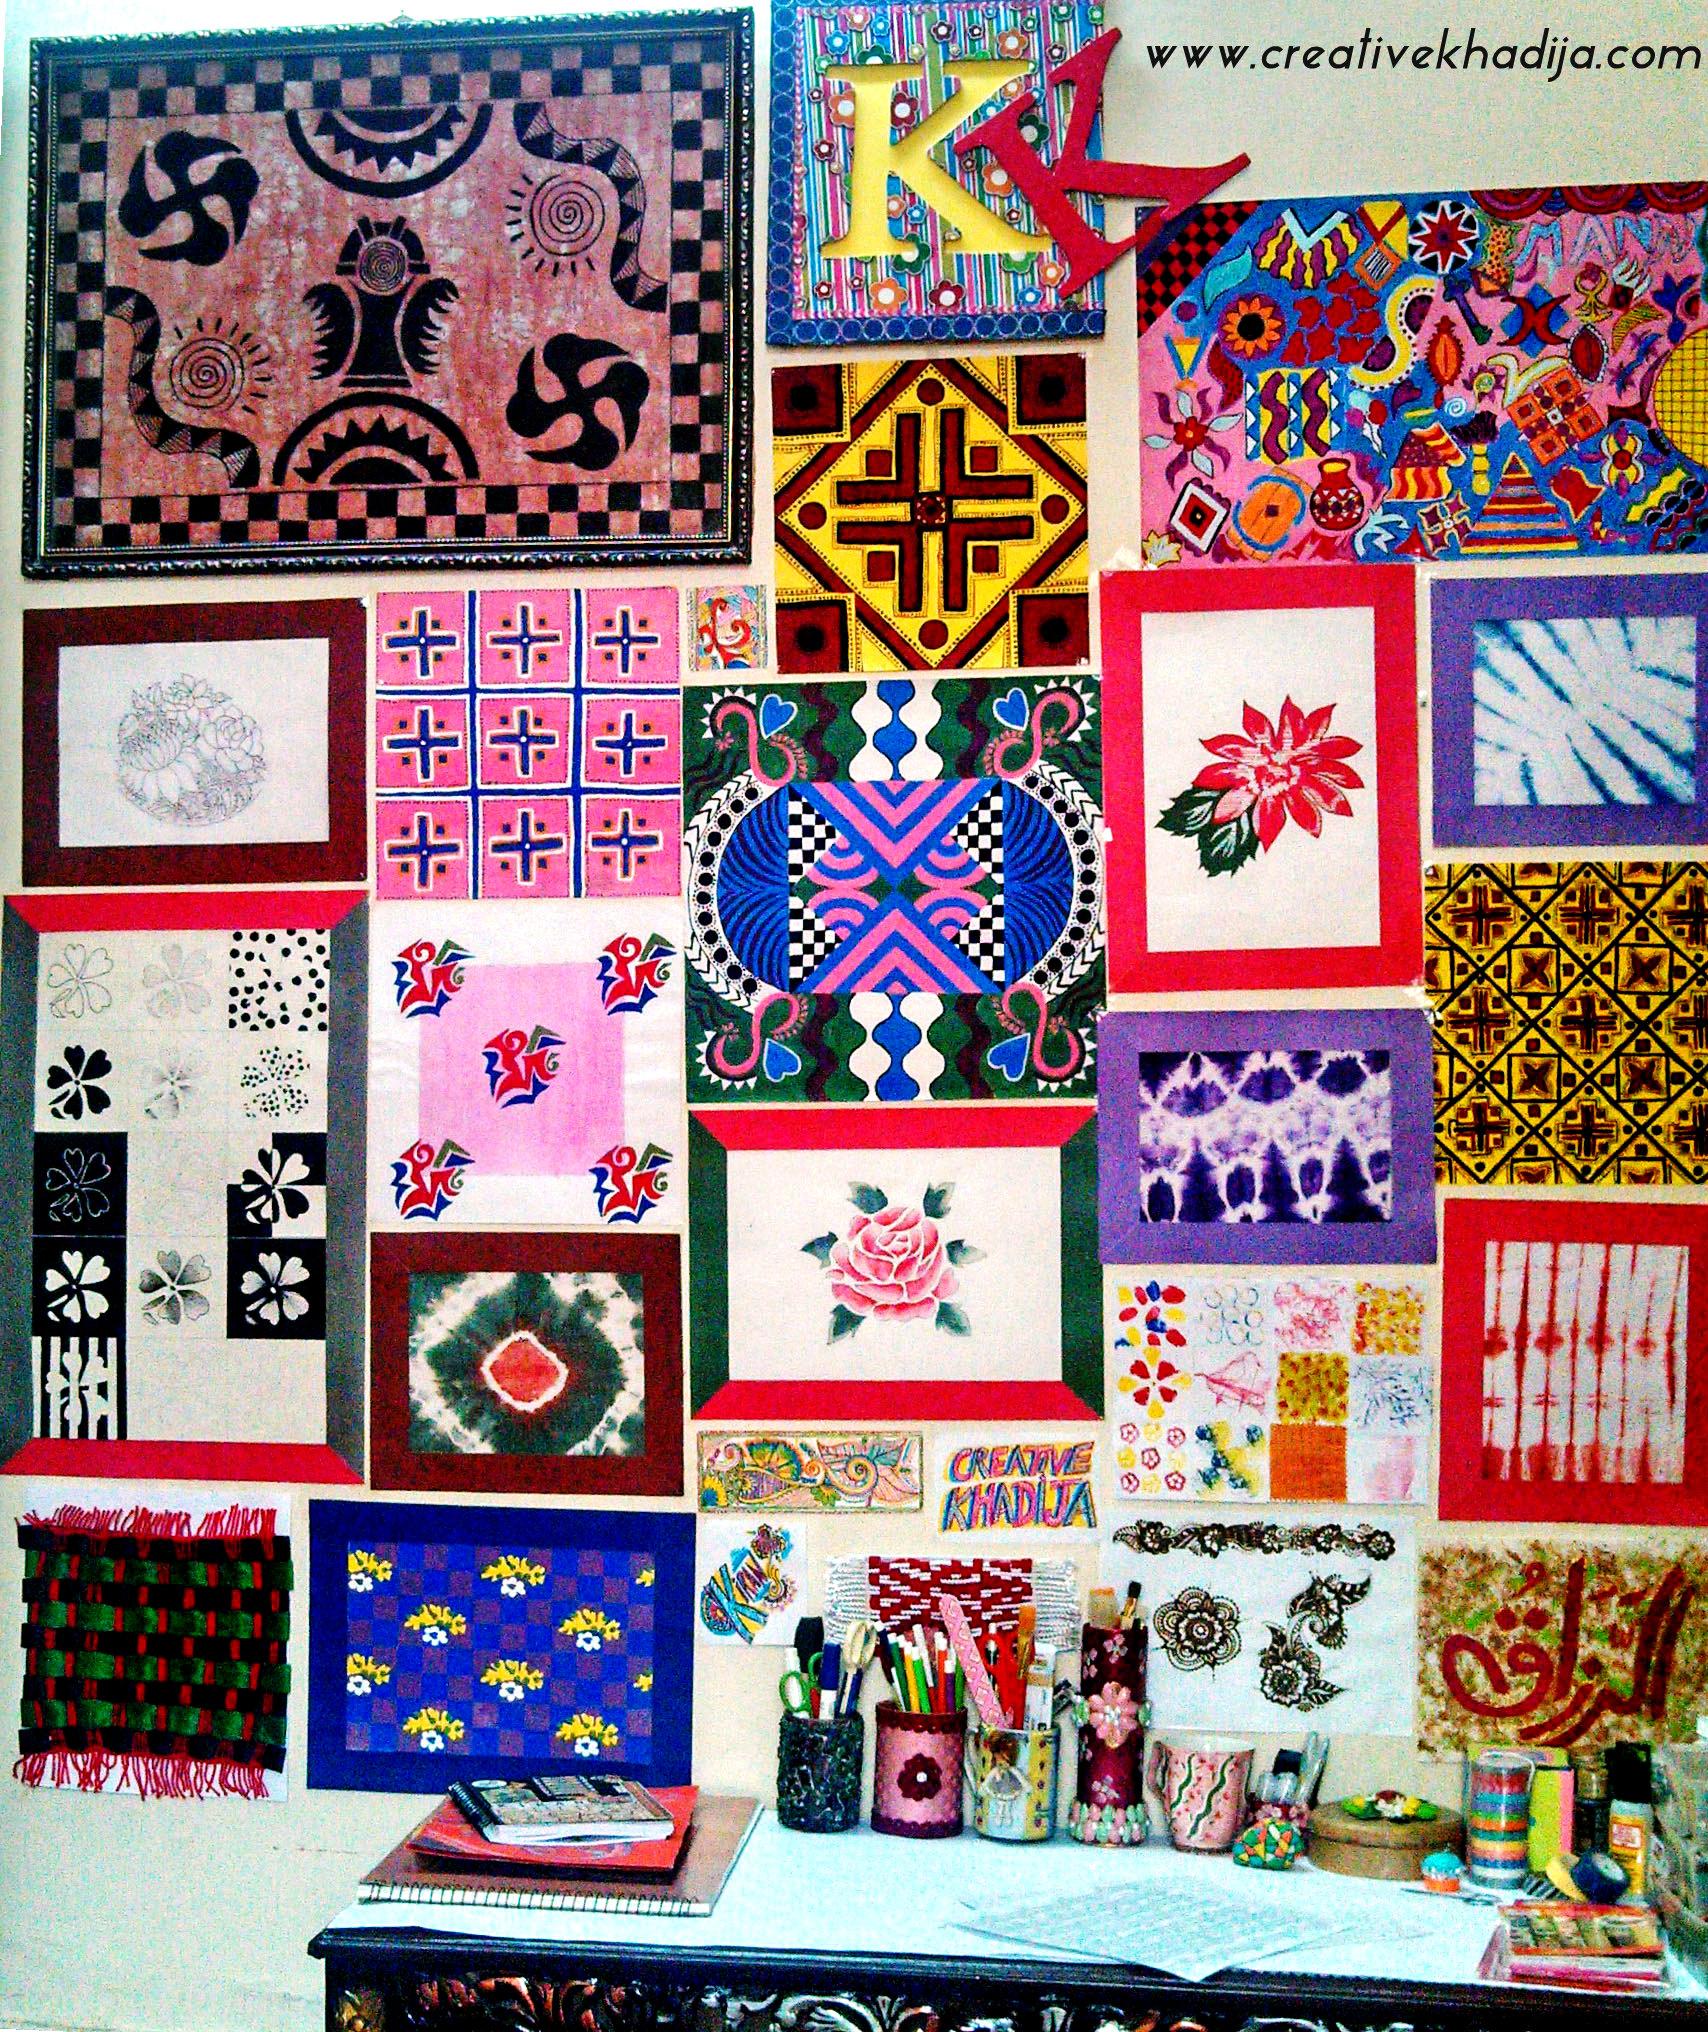 creativekhadija-craftroom-craft-space-ideas